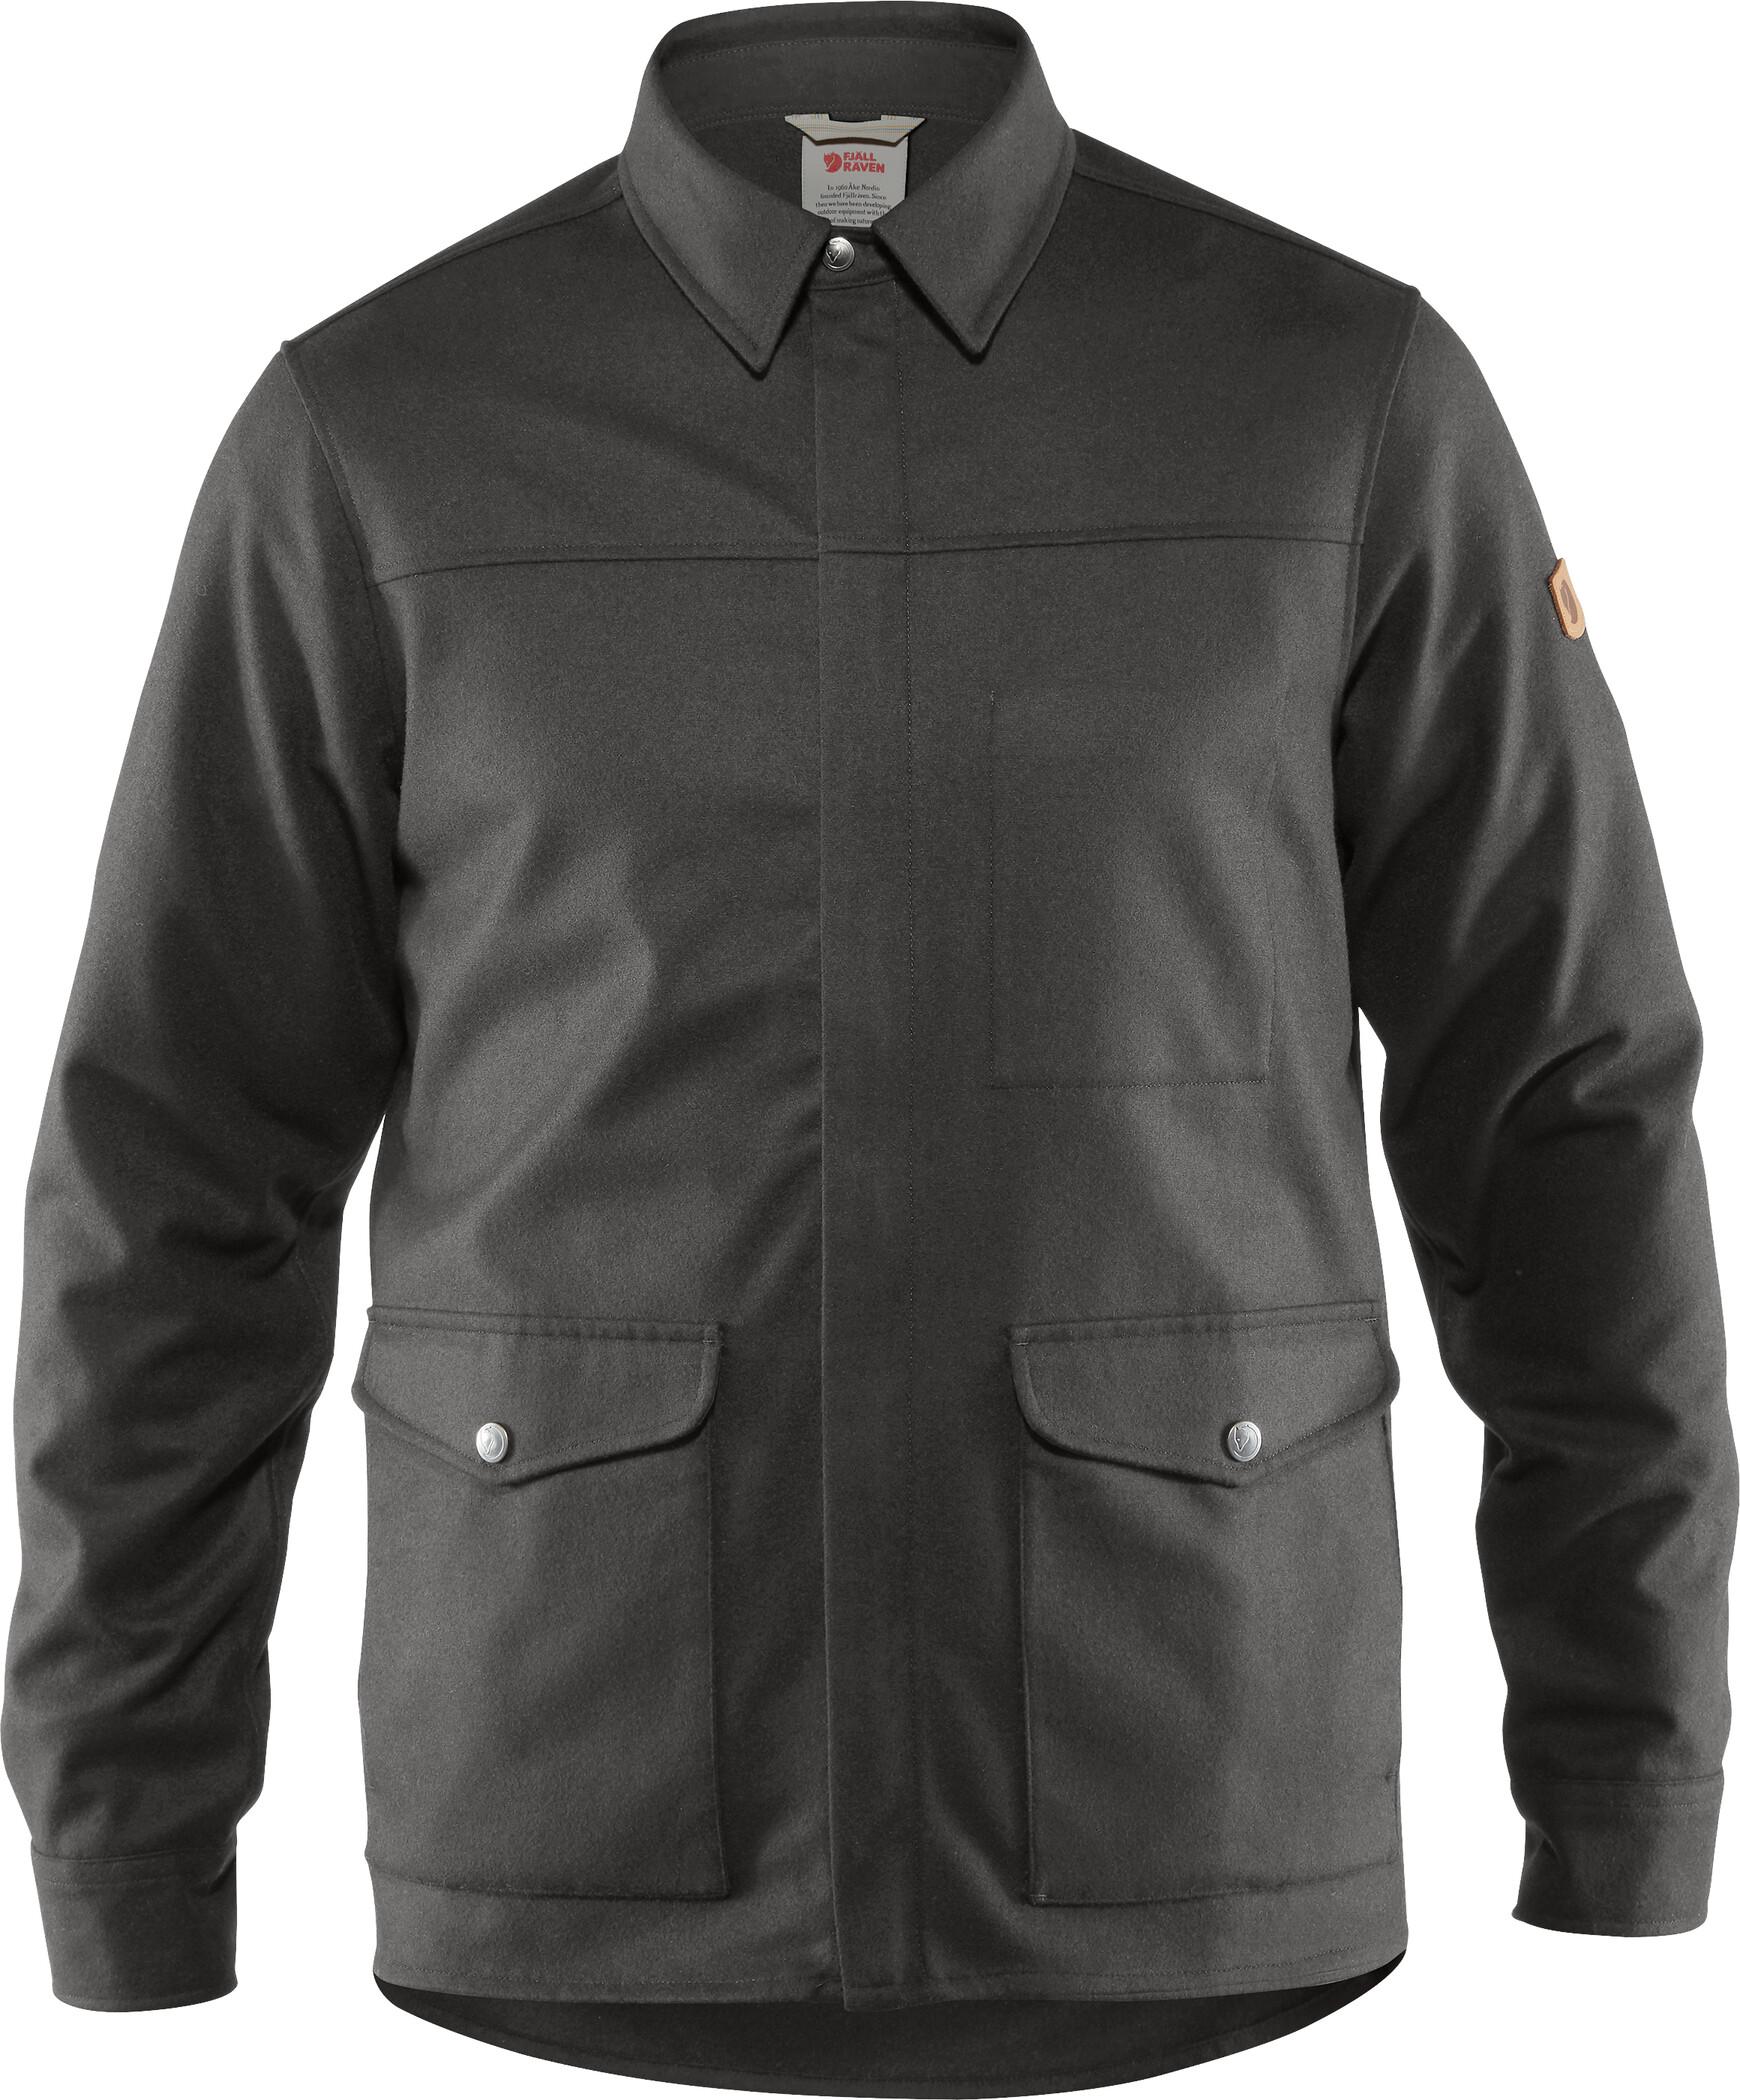 Fjällräven Greenland Re Wool Shirt Jacke Herren black